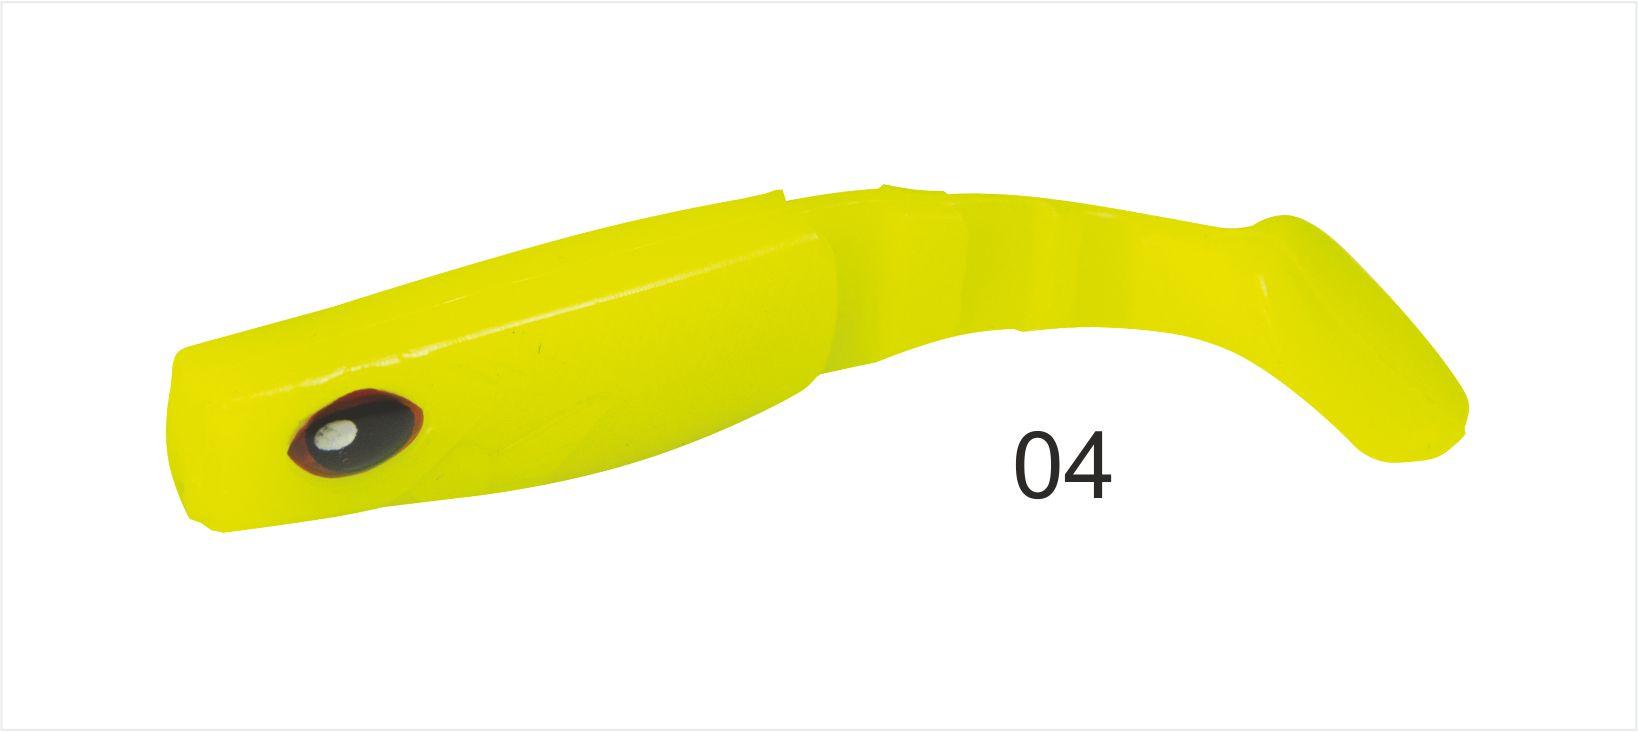 Mistrall gumová nástraha Dominátor 6,5 cm Možnost 04